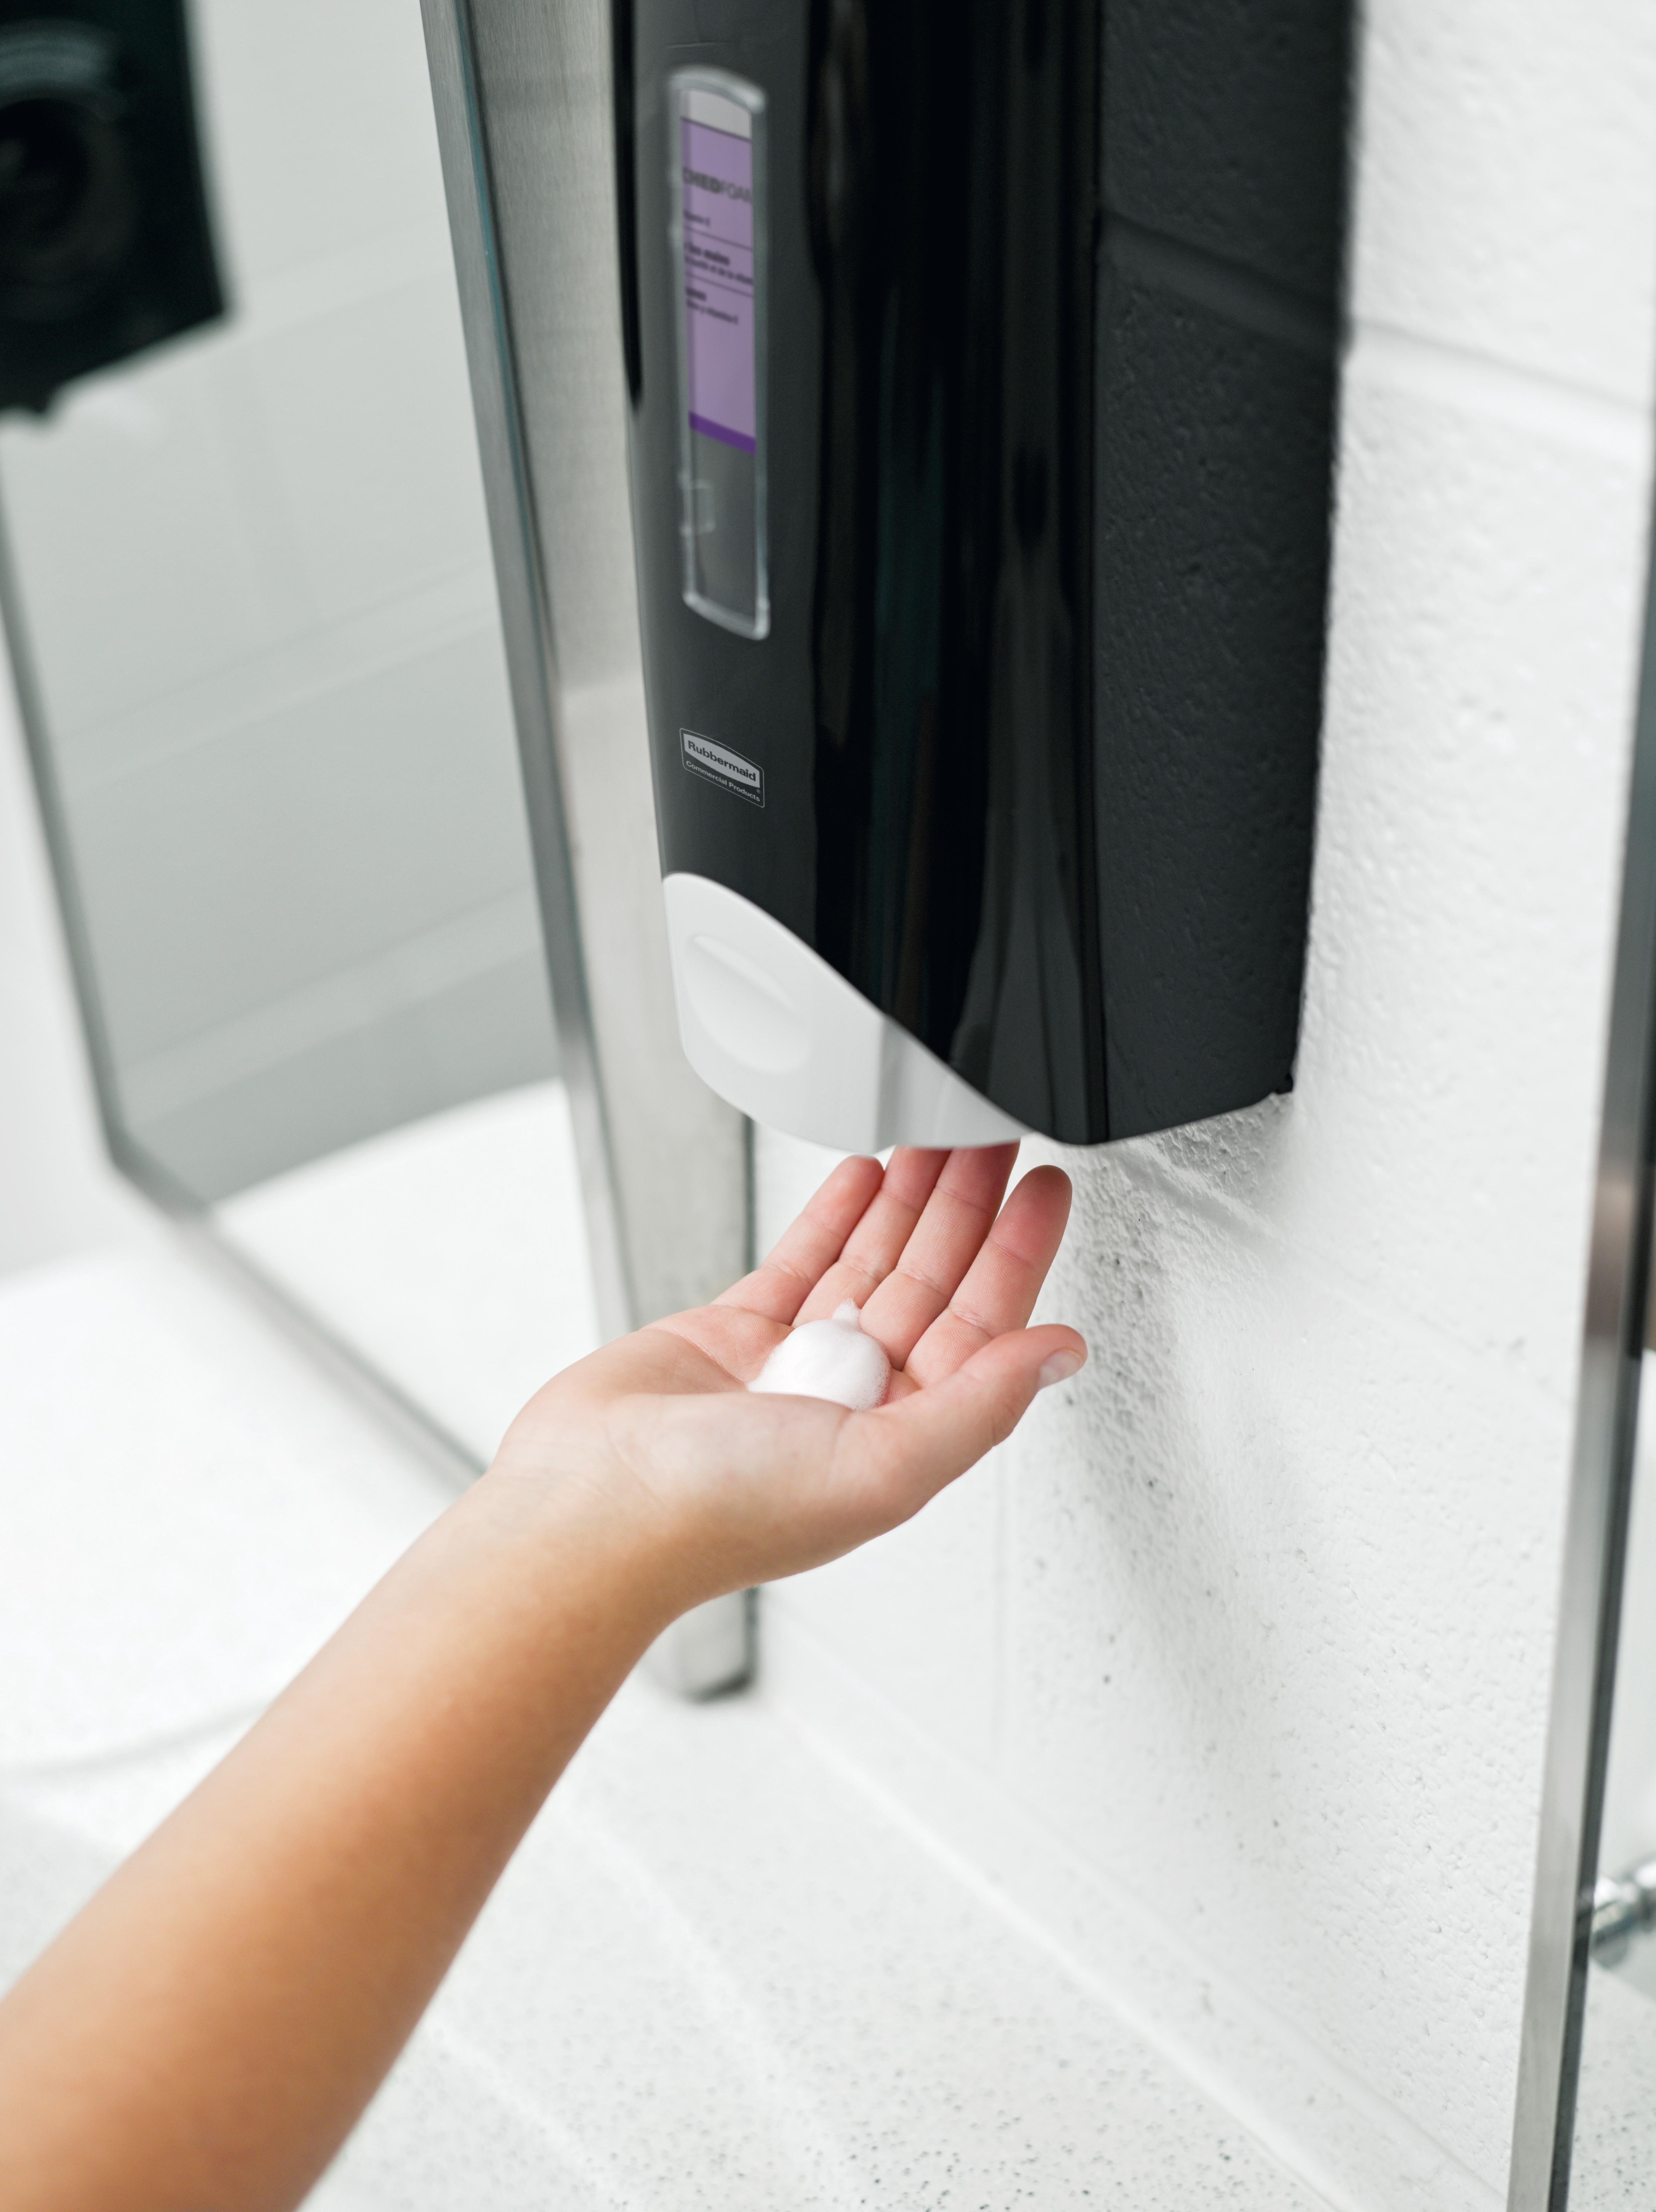 håndsprit dispenser. (Foto: PR)